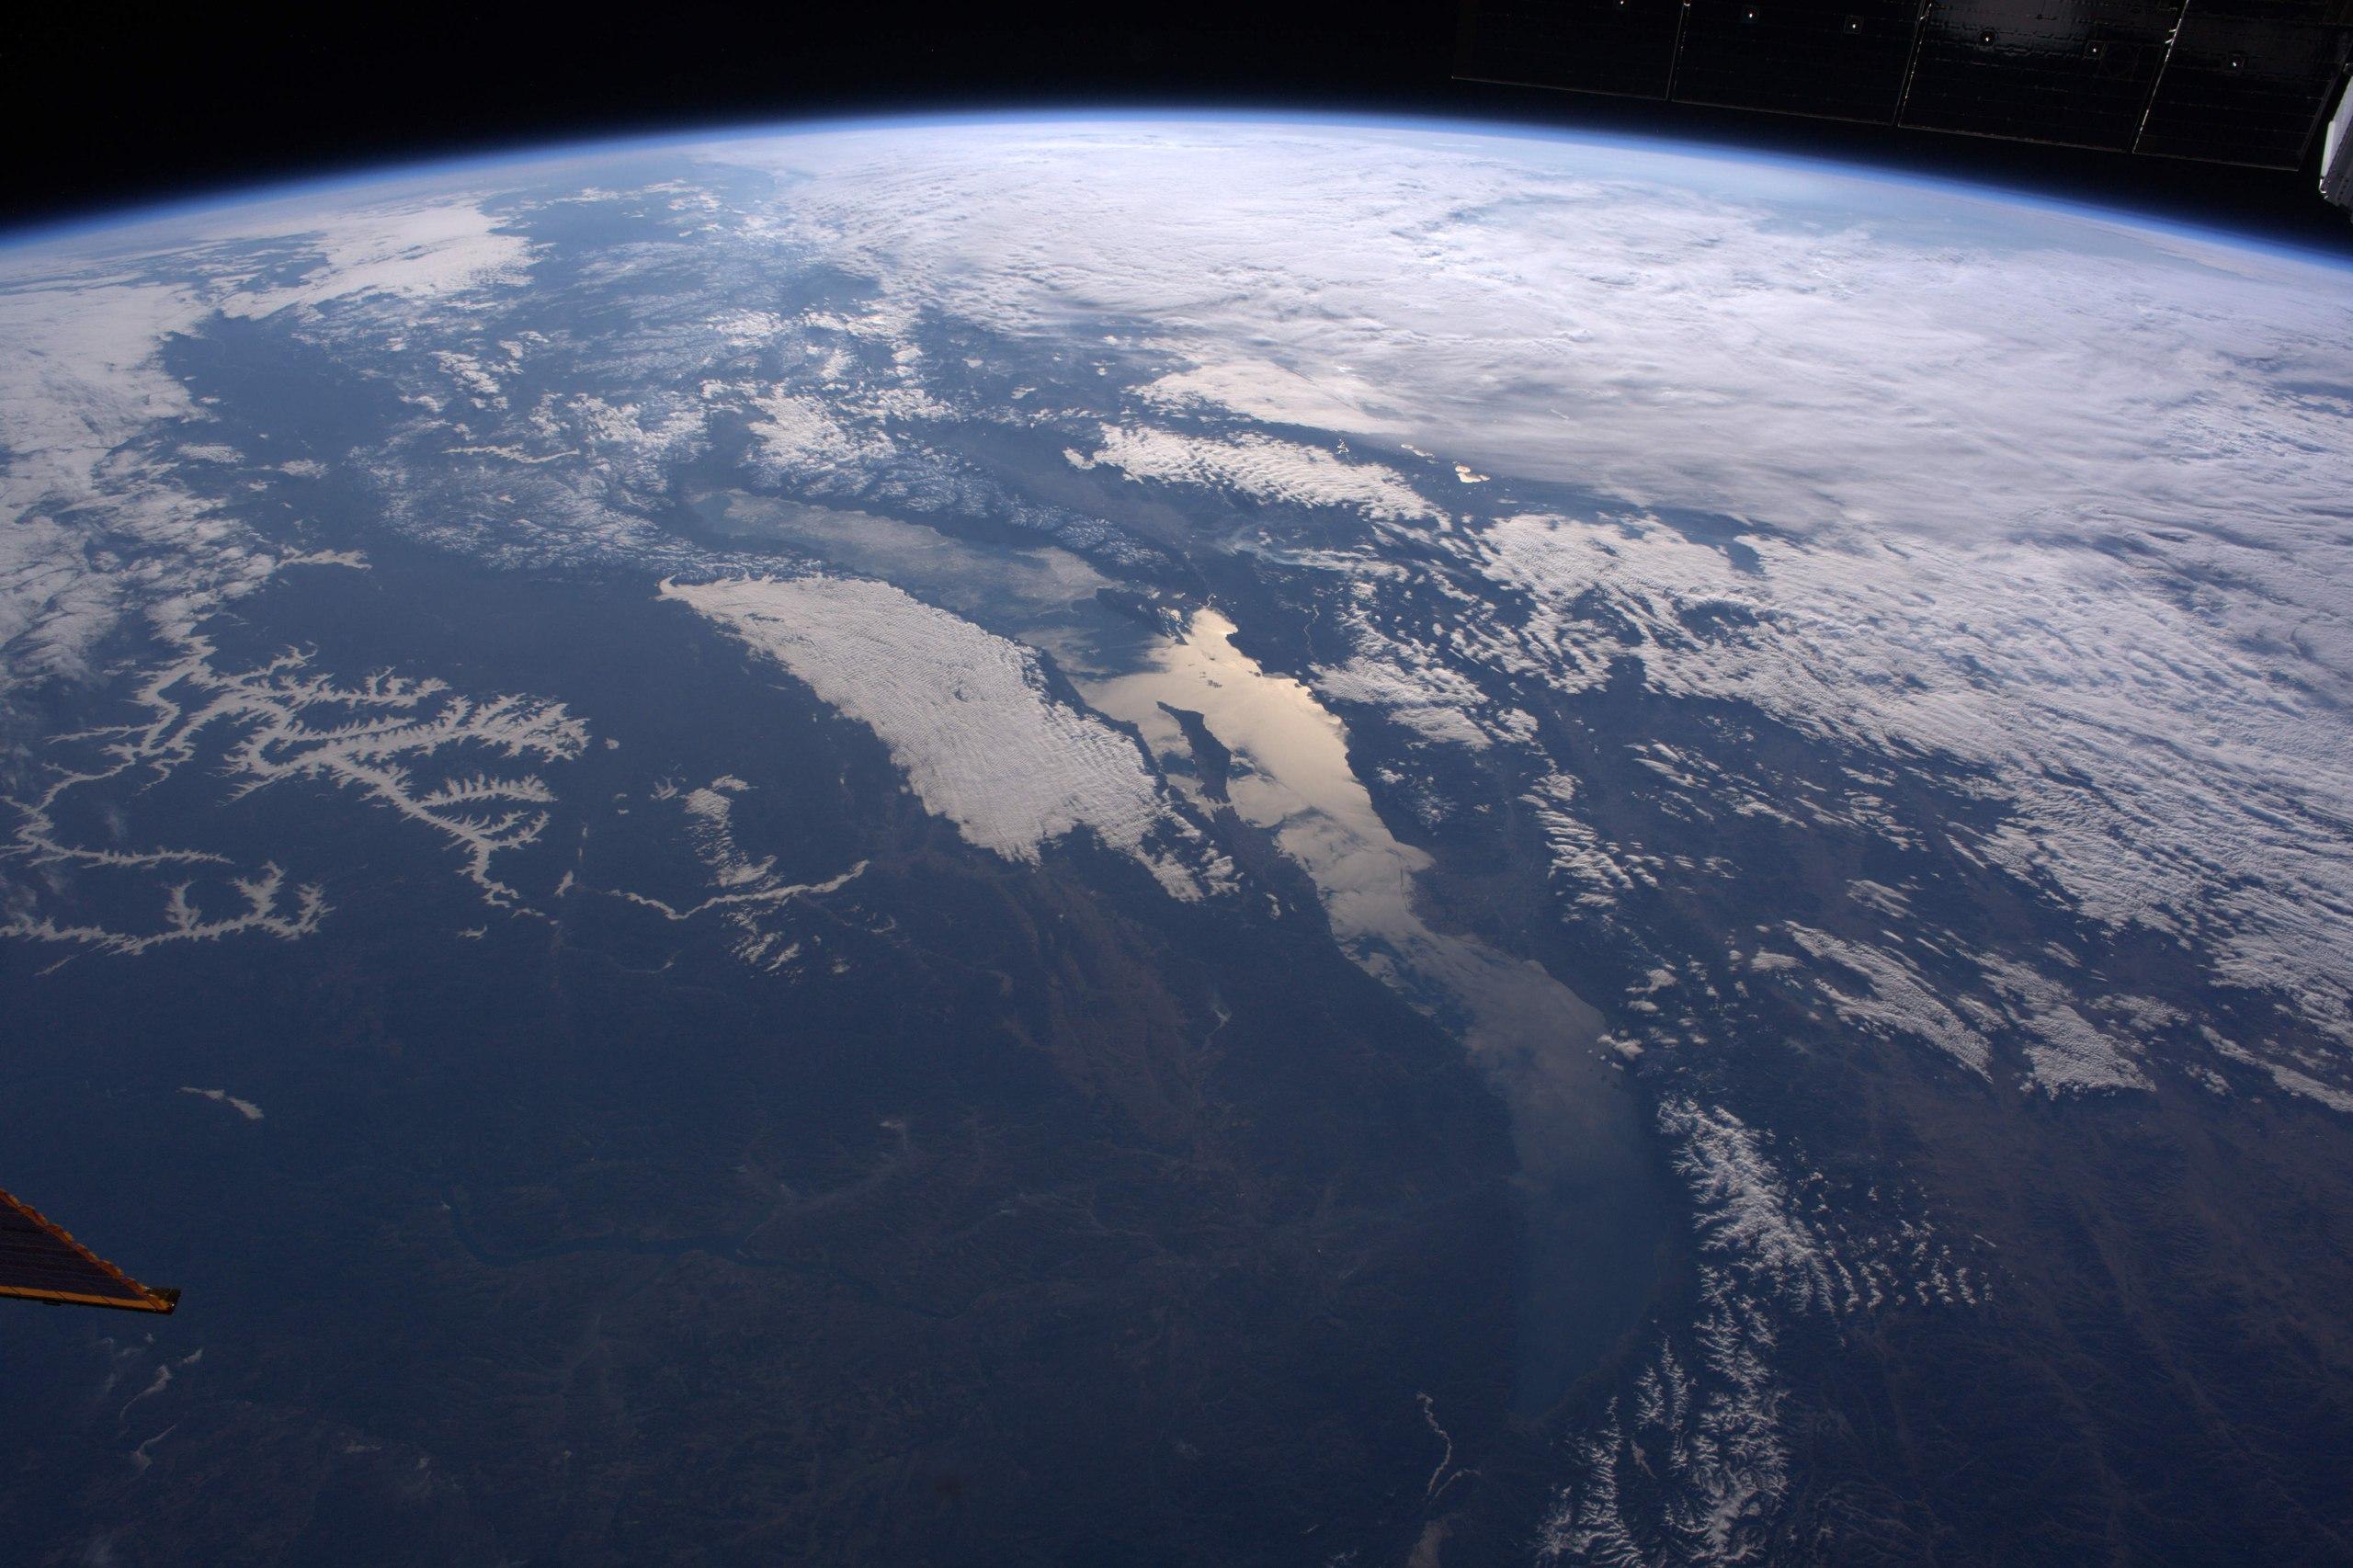 грек это интересные фото земли со спутника действие